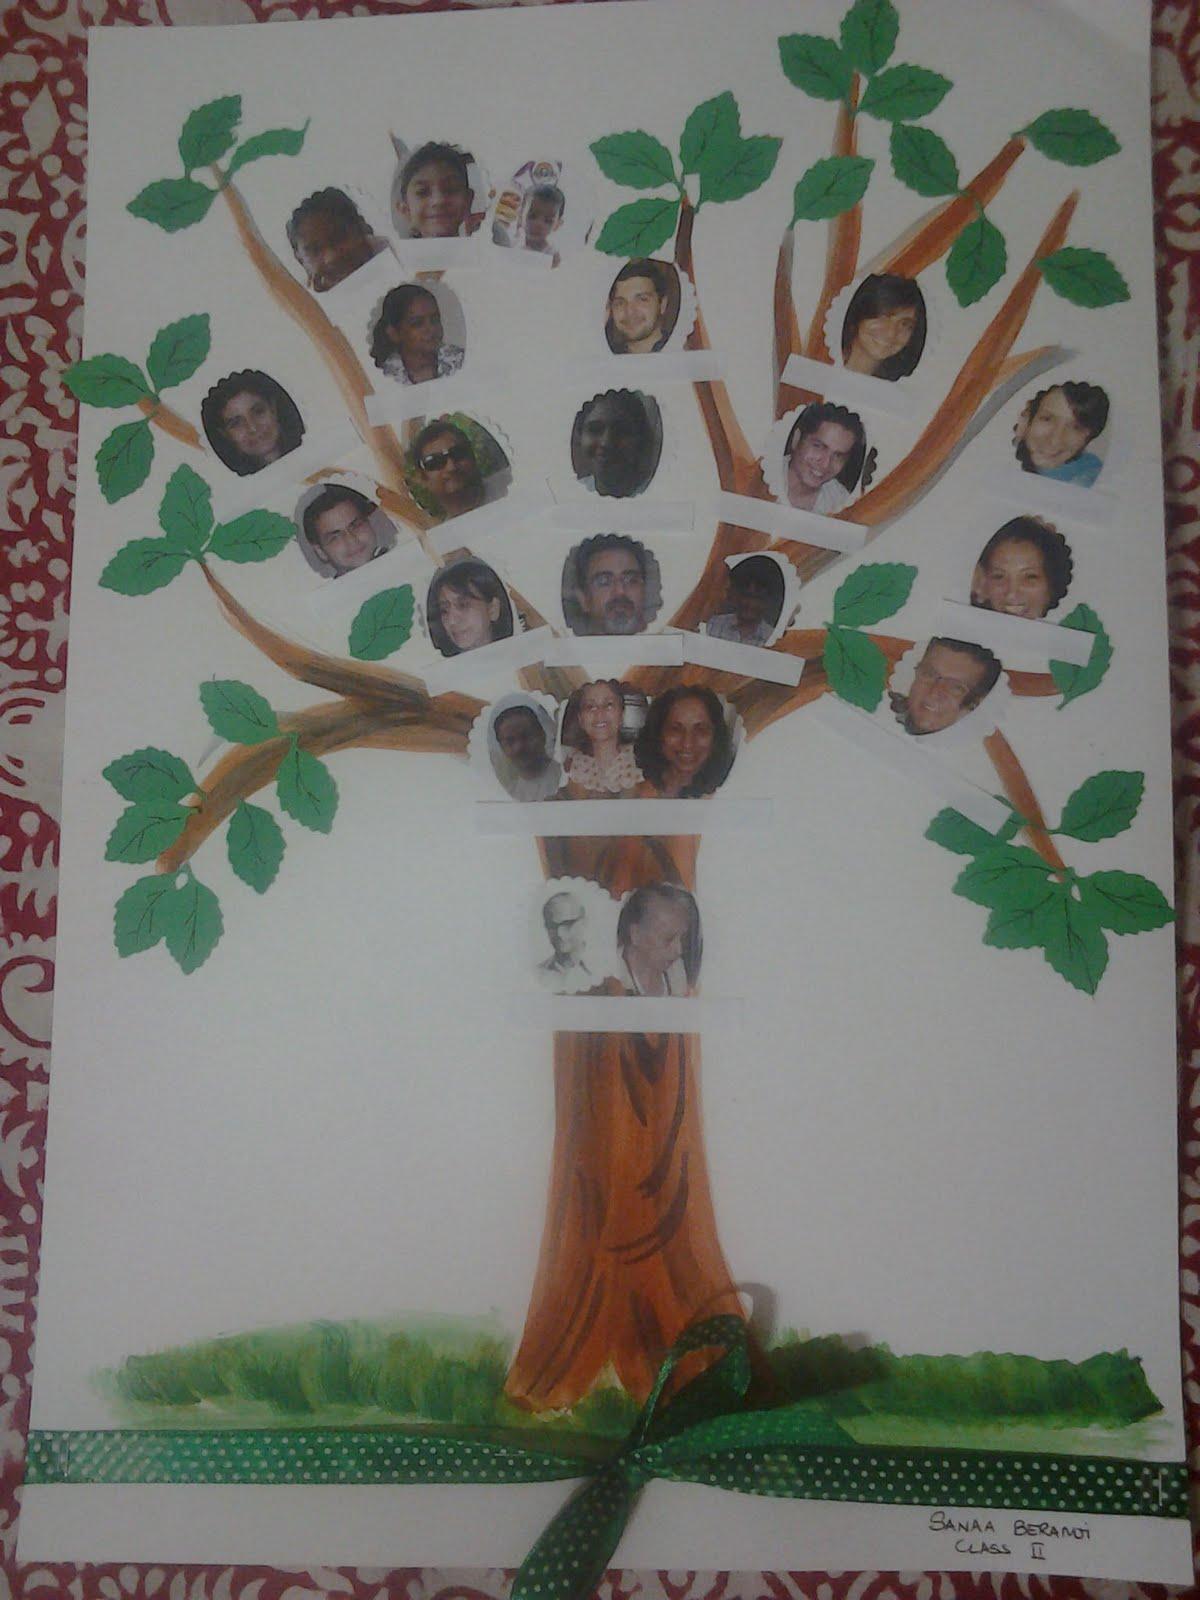 family tree project ideas for school wwwimgkidcom